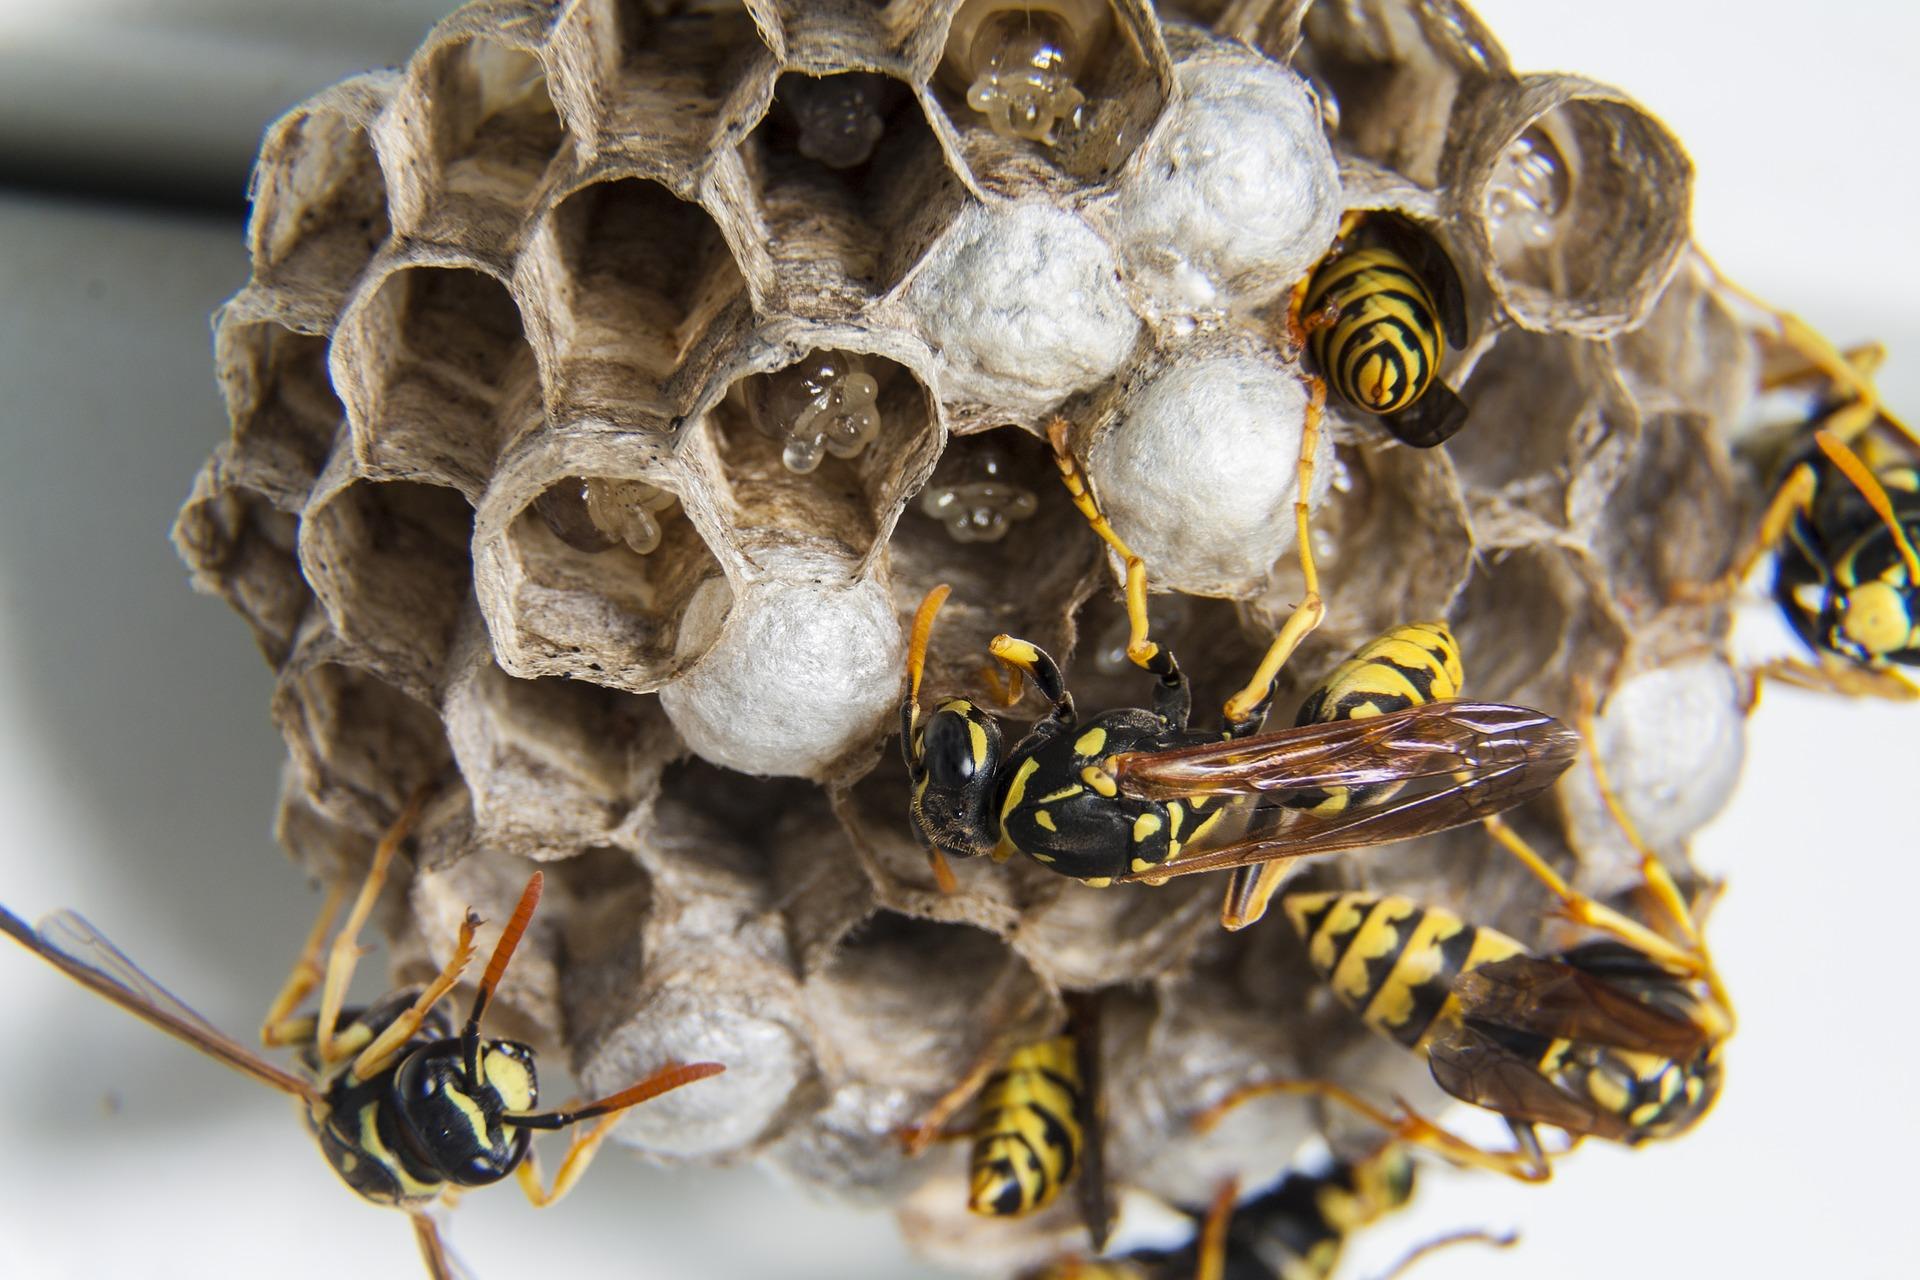 ✅ как избавиться от осы в квартире, почему осы залетают в квартиру, как избавиться - tehnomir32.ru